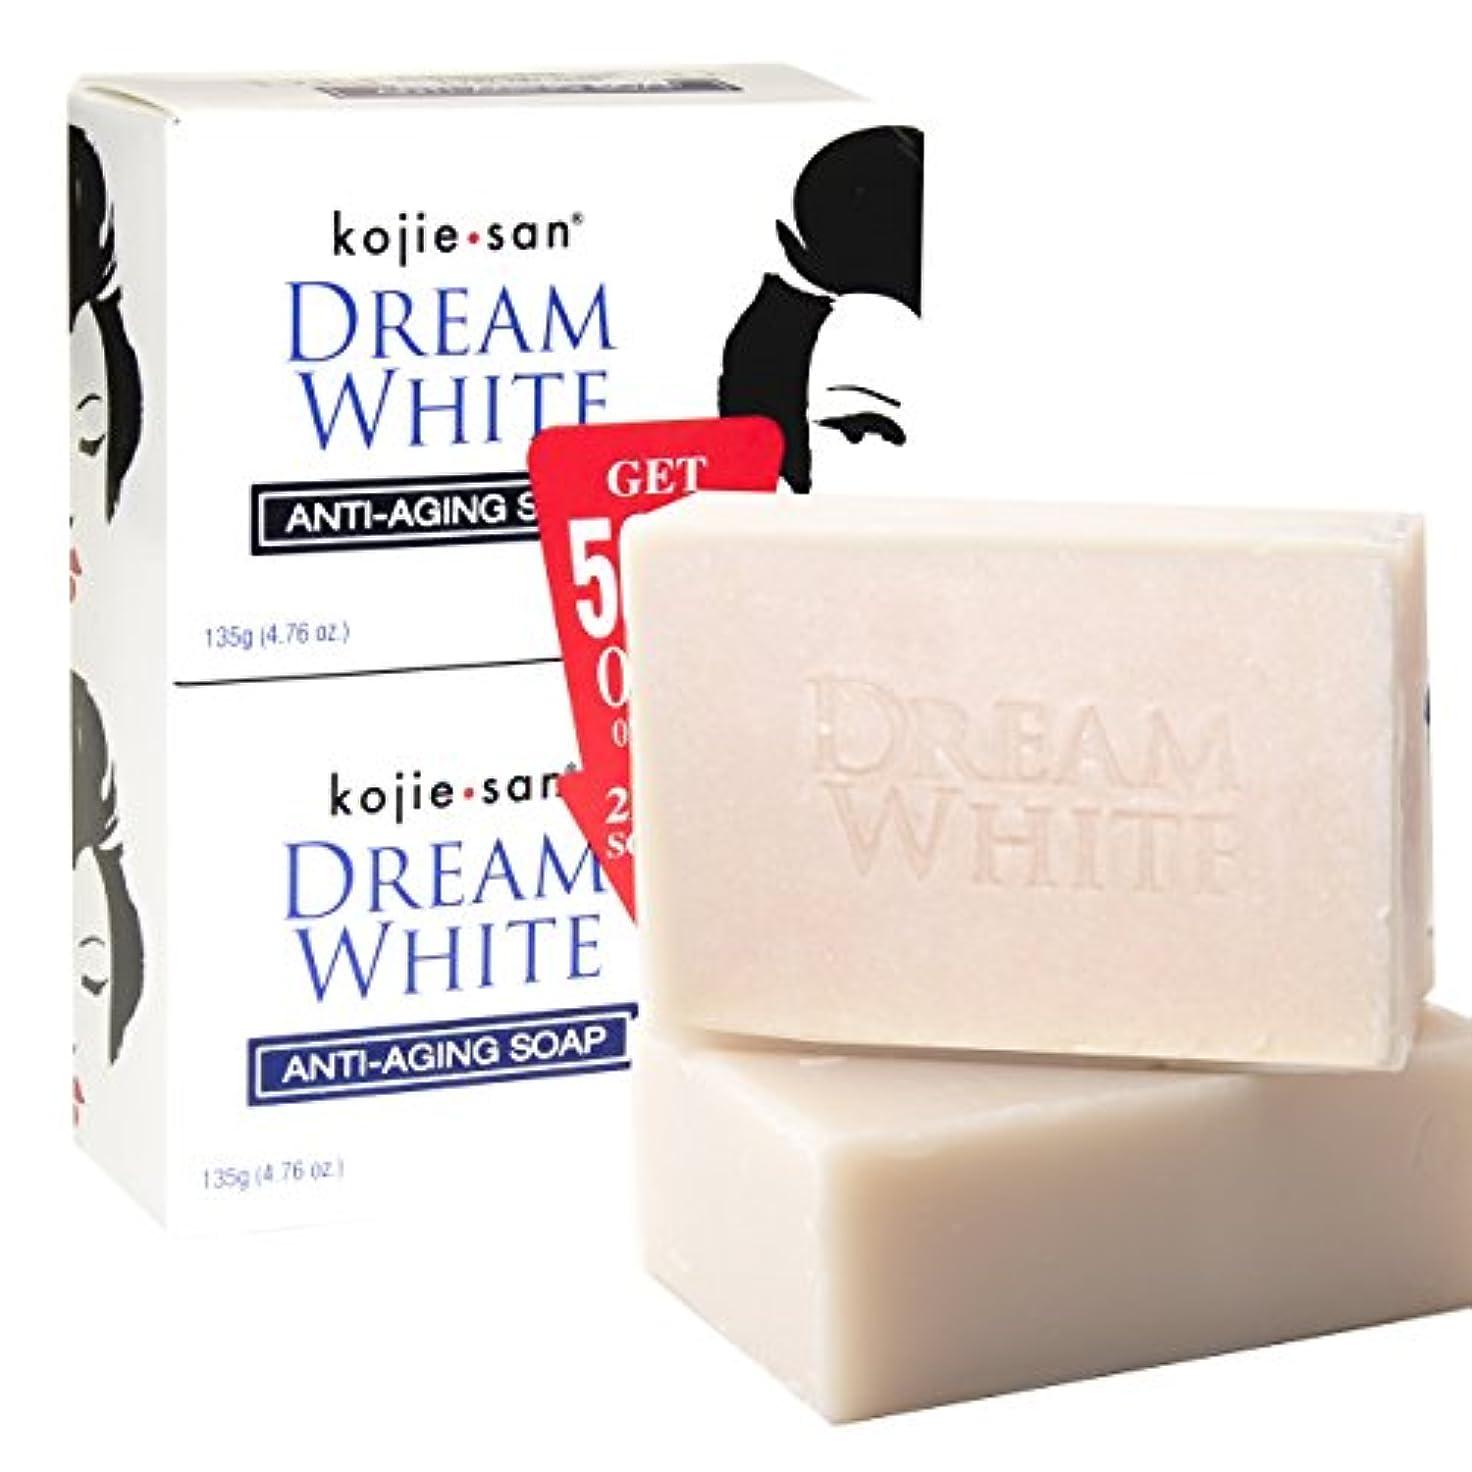 羽インターネット平手打ちkojie san DREAM WHITE Soap 135g × 2個 ホワイトニングソープ